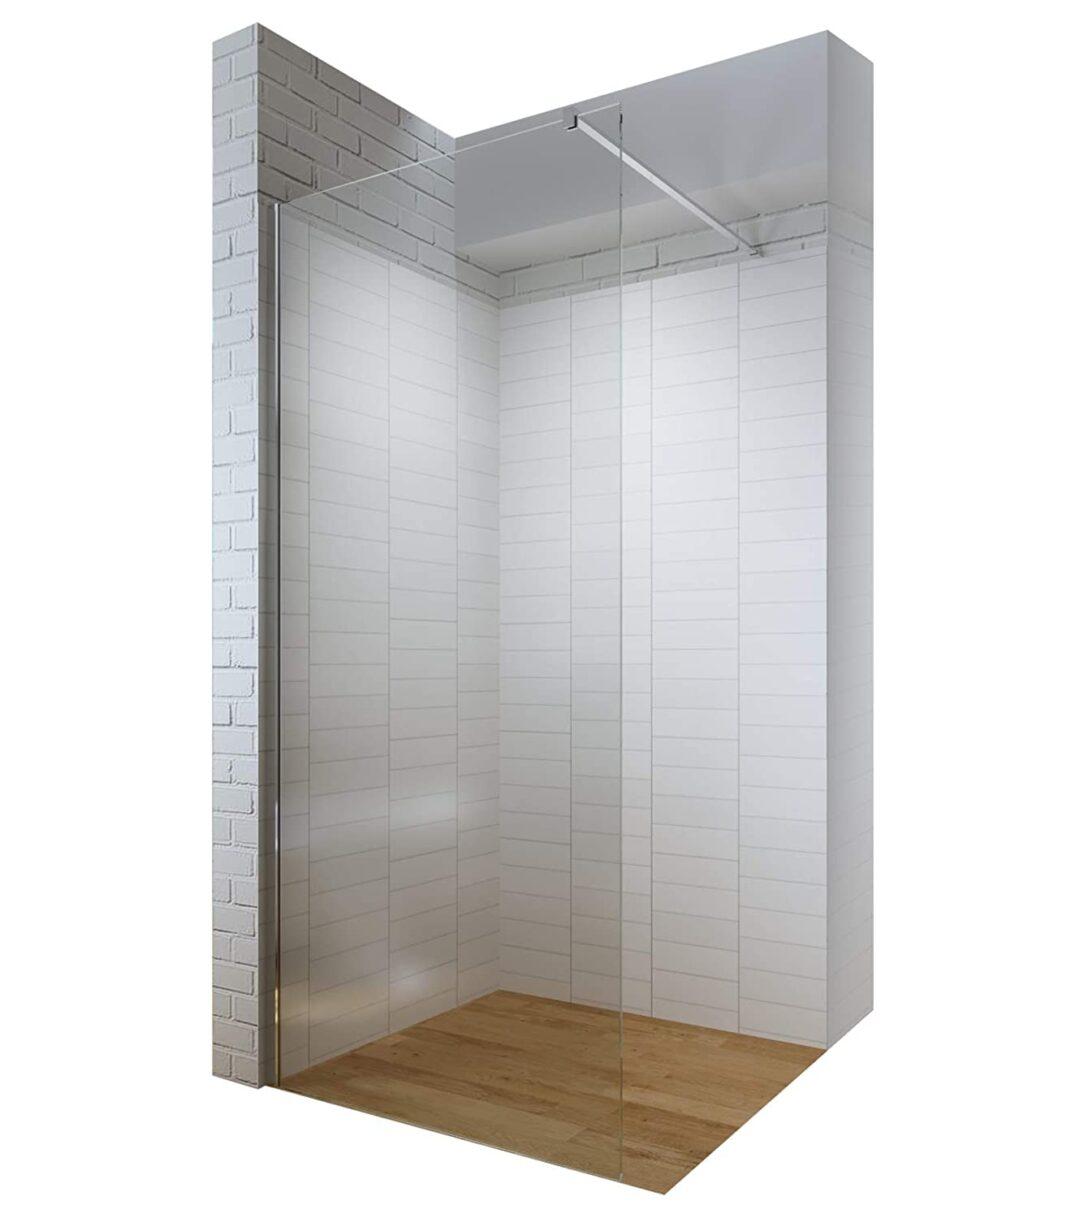 Large Size of Glastrennwand Dusche 100cm Walk In 10mm Duschwand Glas Duschabtrennung Bodengleiche Fliesen Siphon Badewanne Mit Grohe Behindertengerechte Glasabtrennung Dusche Glastrennwand Dusche